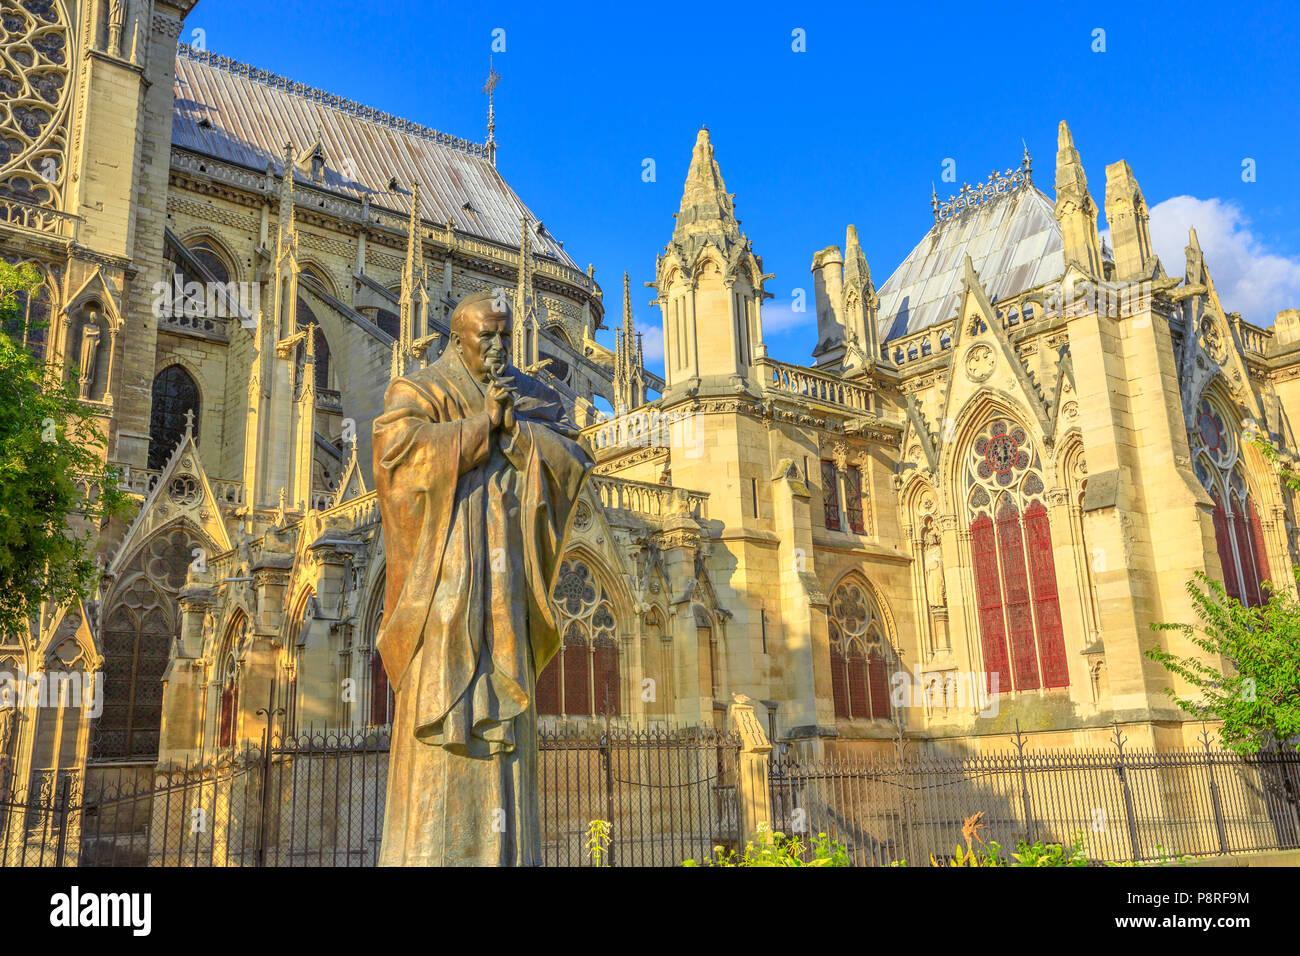 Details von Papst Johannes Paul II Statue an der Seite der Kirche Notre Dame von Paris, Frankreich. Gotische Architektur der Kathedrale von Paris, Ile de la Cite. Schönen, sonnigen Tag in den blauen Himmel. Stockfoto